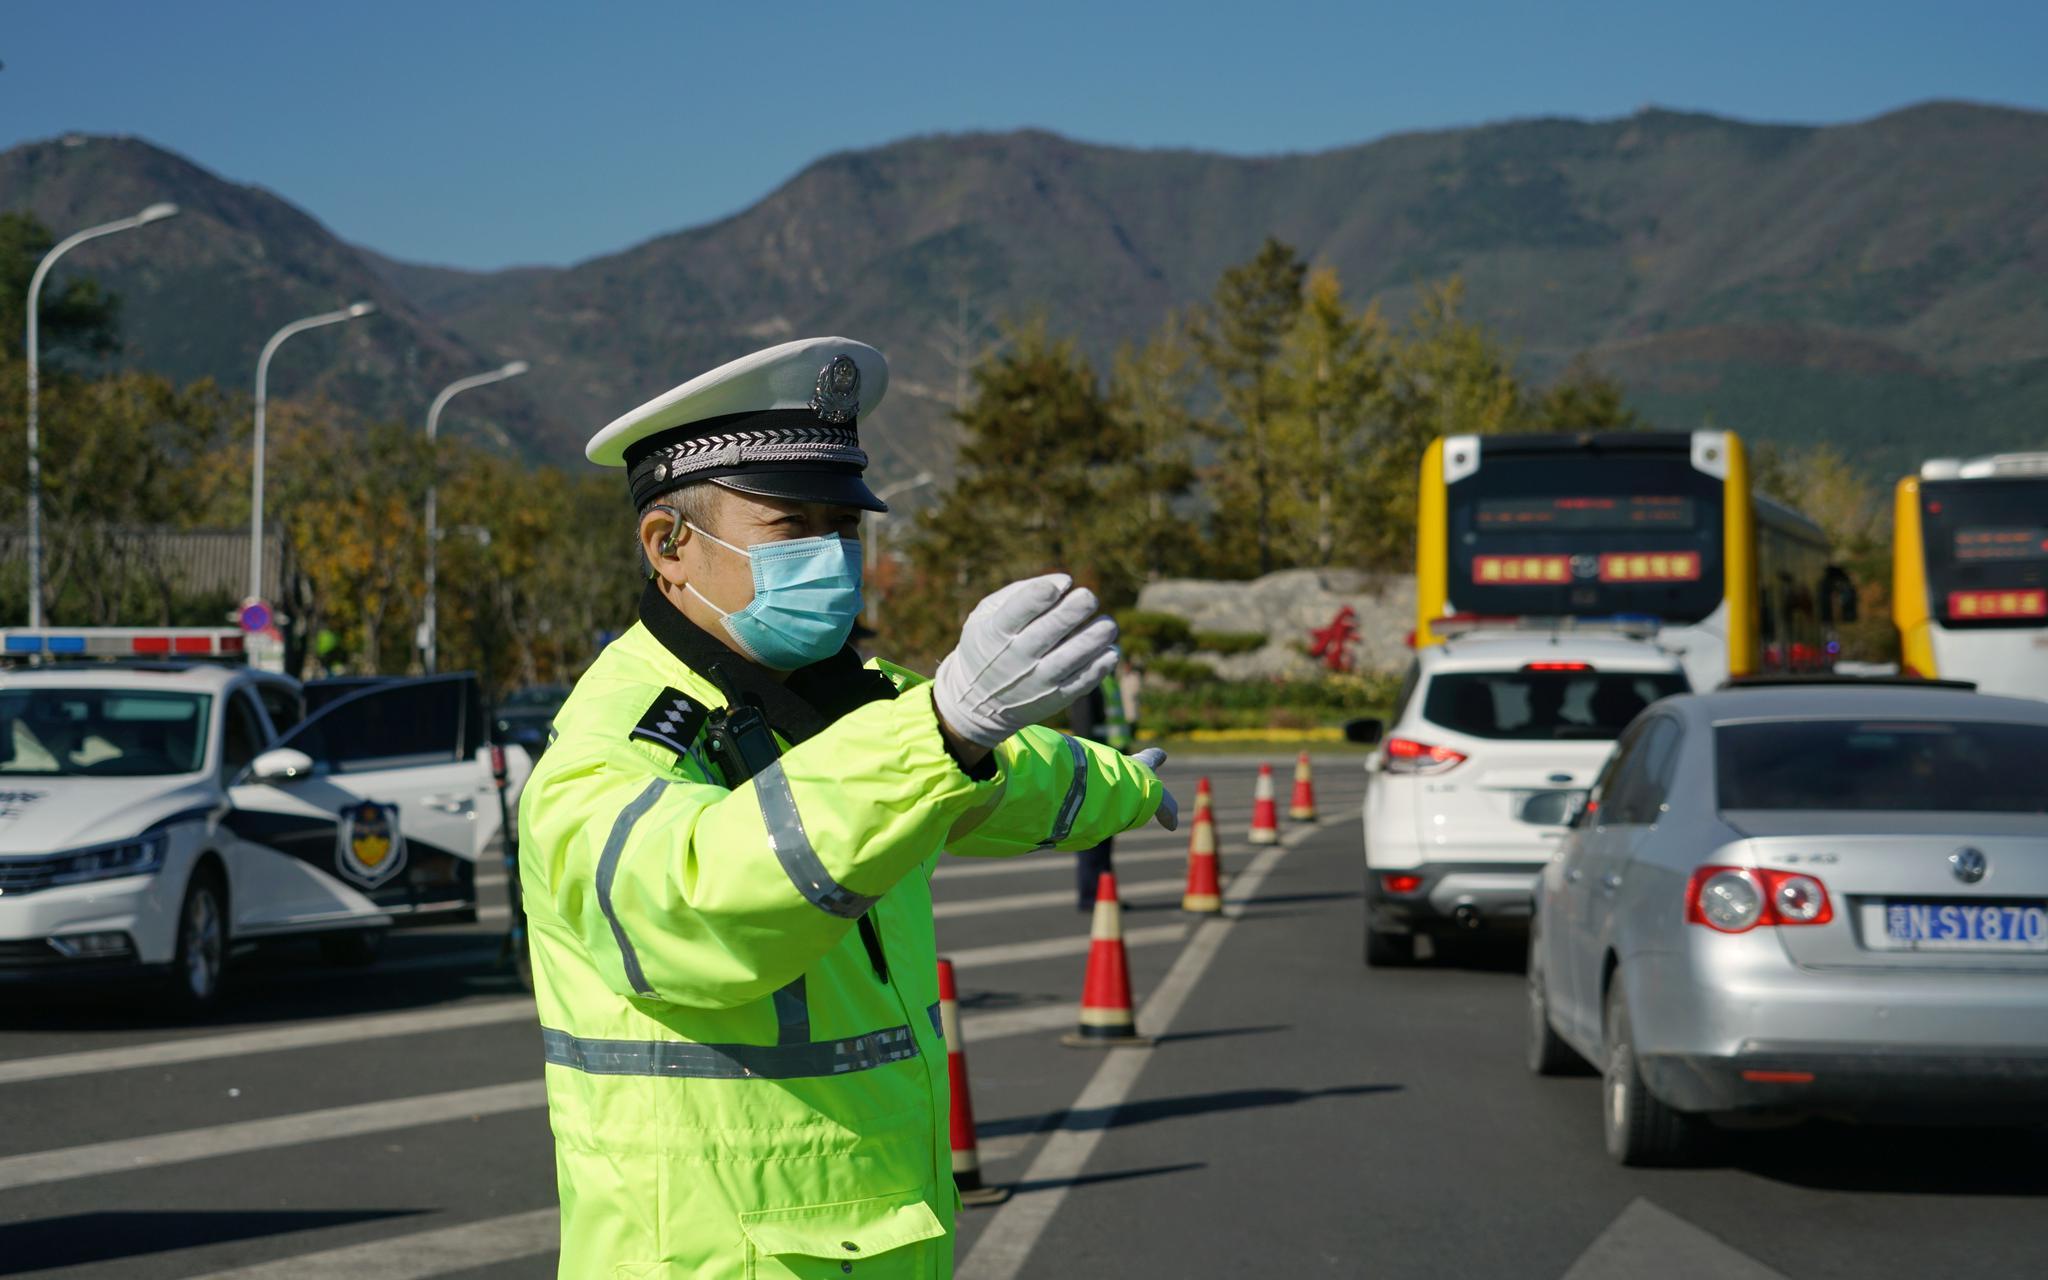 香泉环岛西侧,海淀黄庄大队的交警正在劝导列队车辆。拍照/ 记京报新剑 裴者飞。